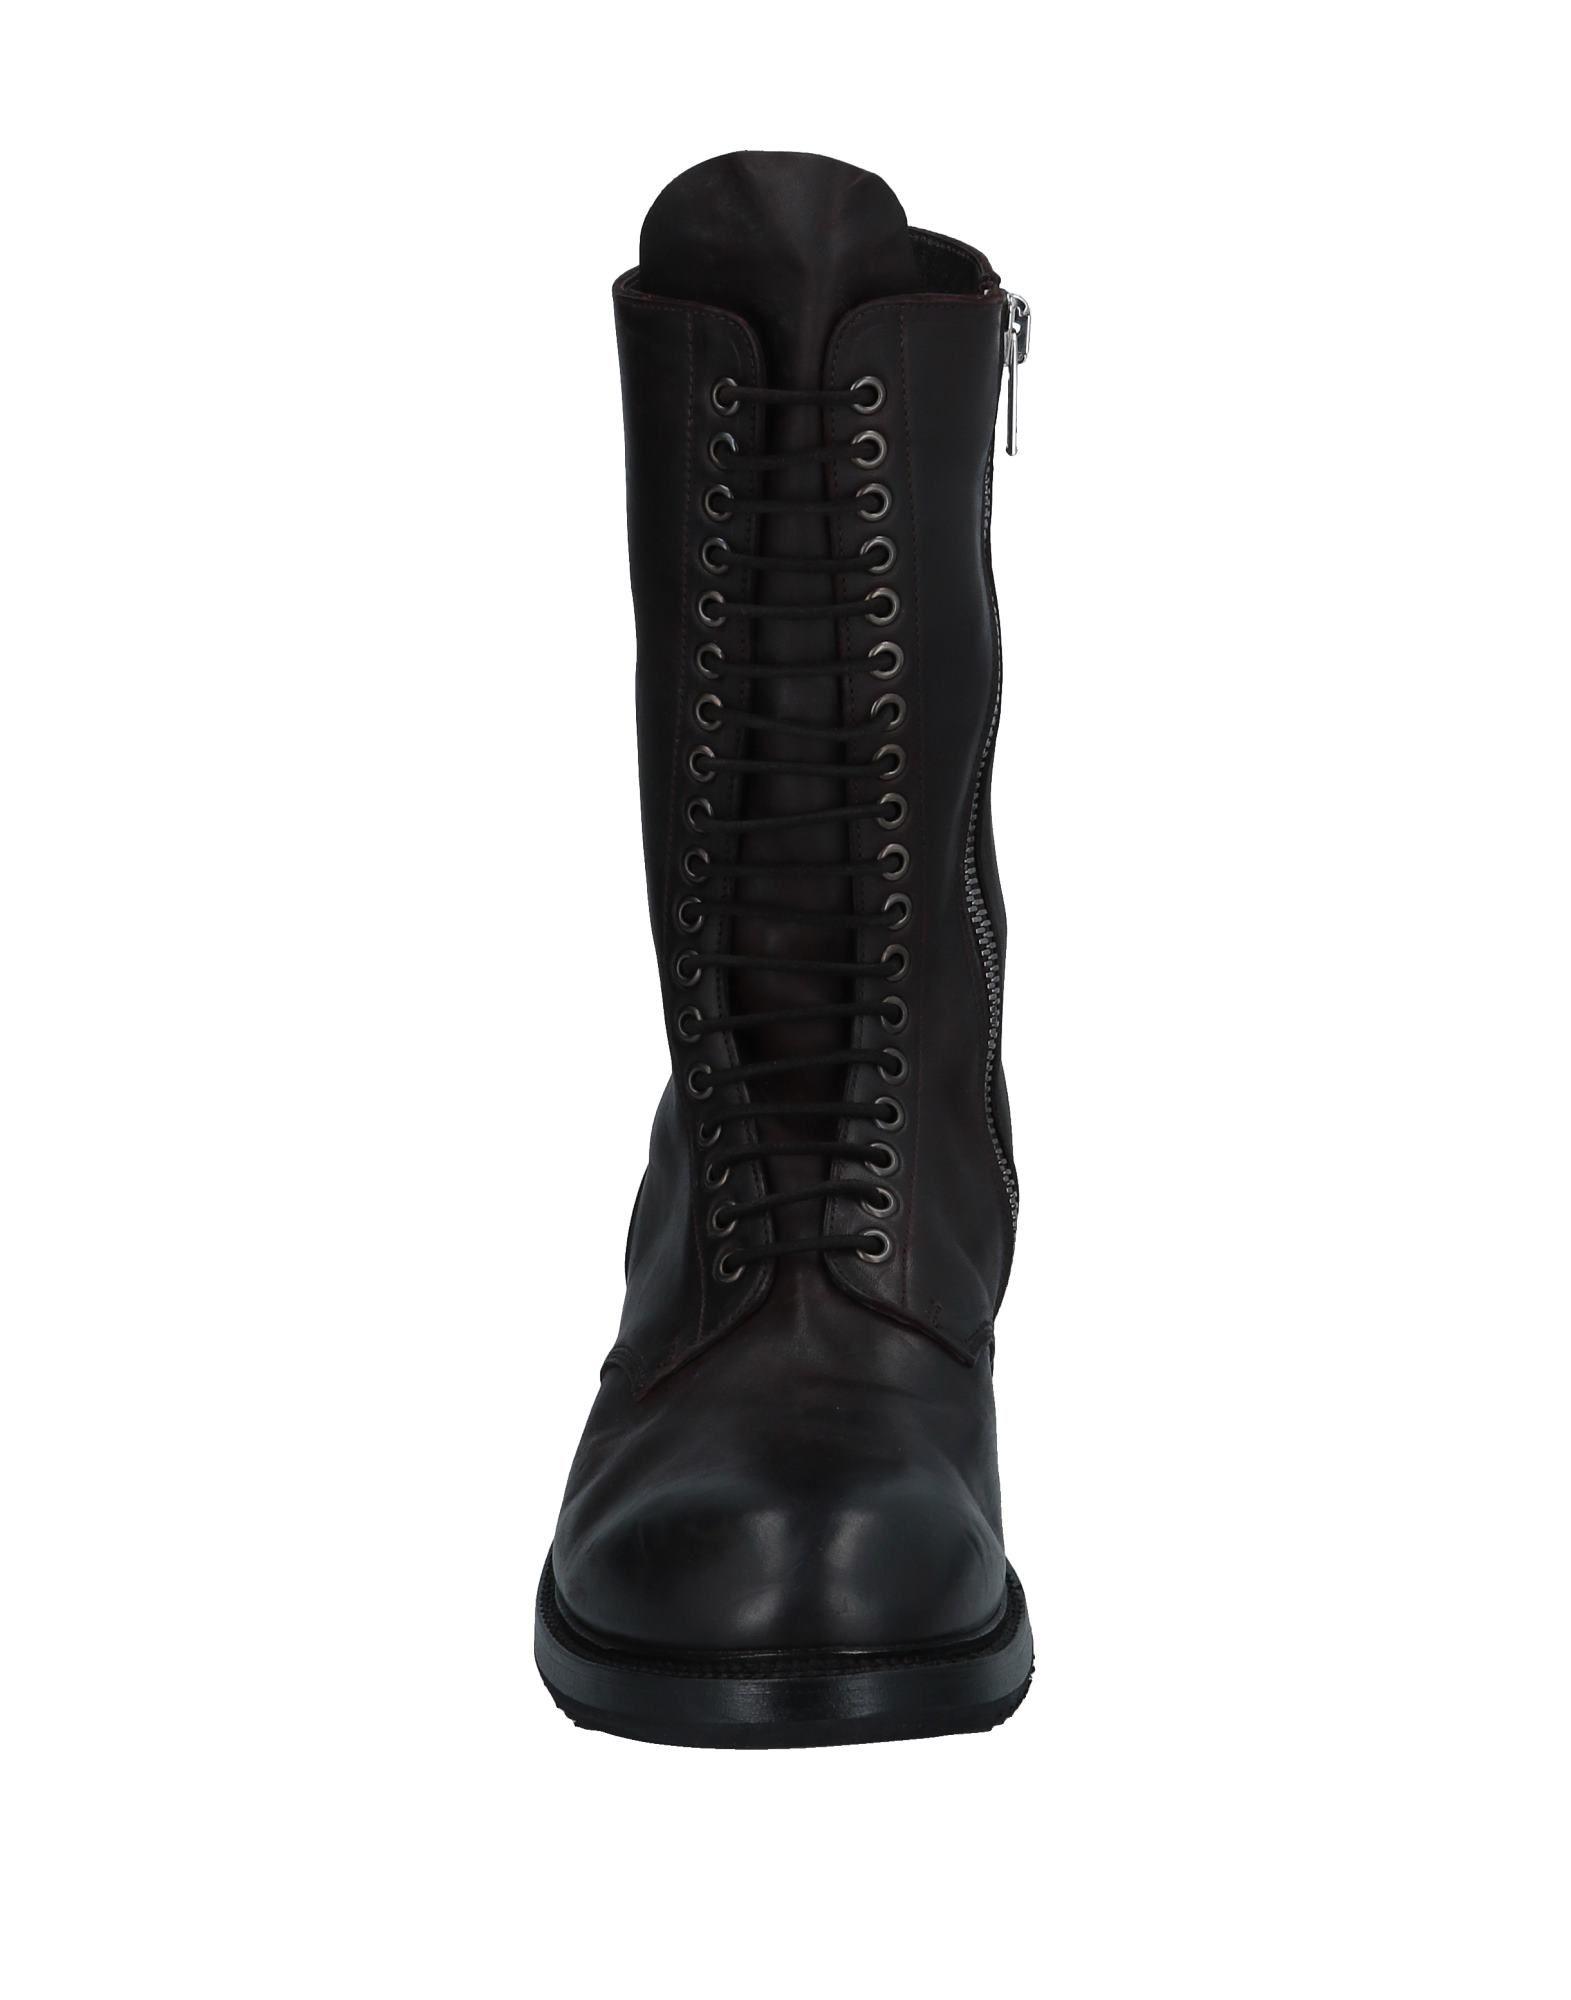 Rick Owens Stiefelette Herren  11537769HJ Gute Qualität beliebte Schuhe